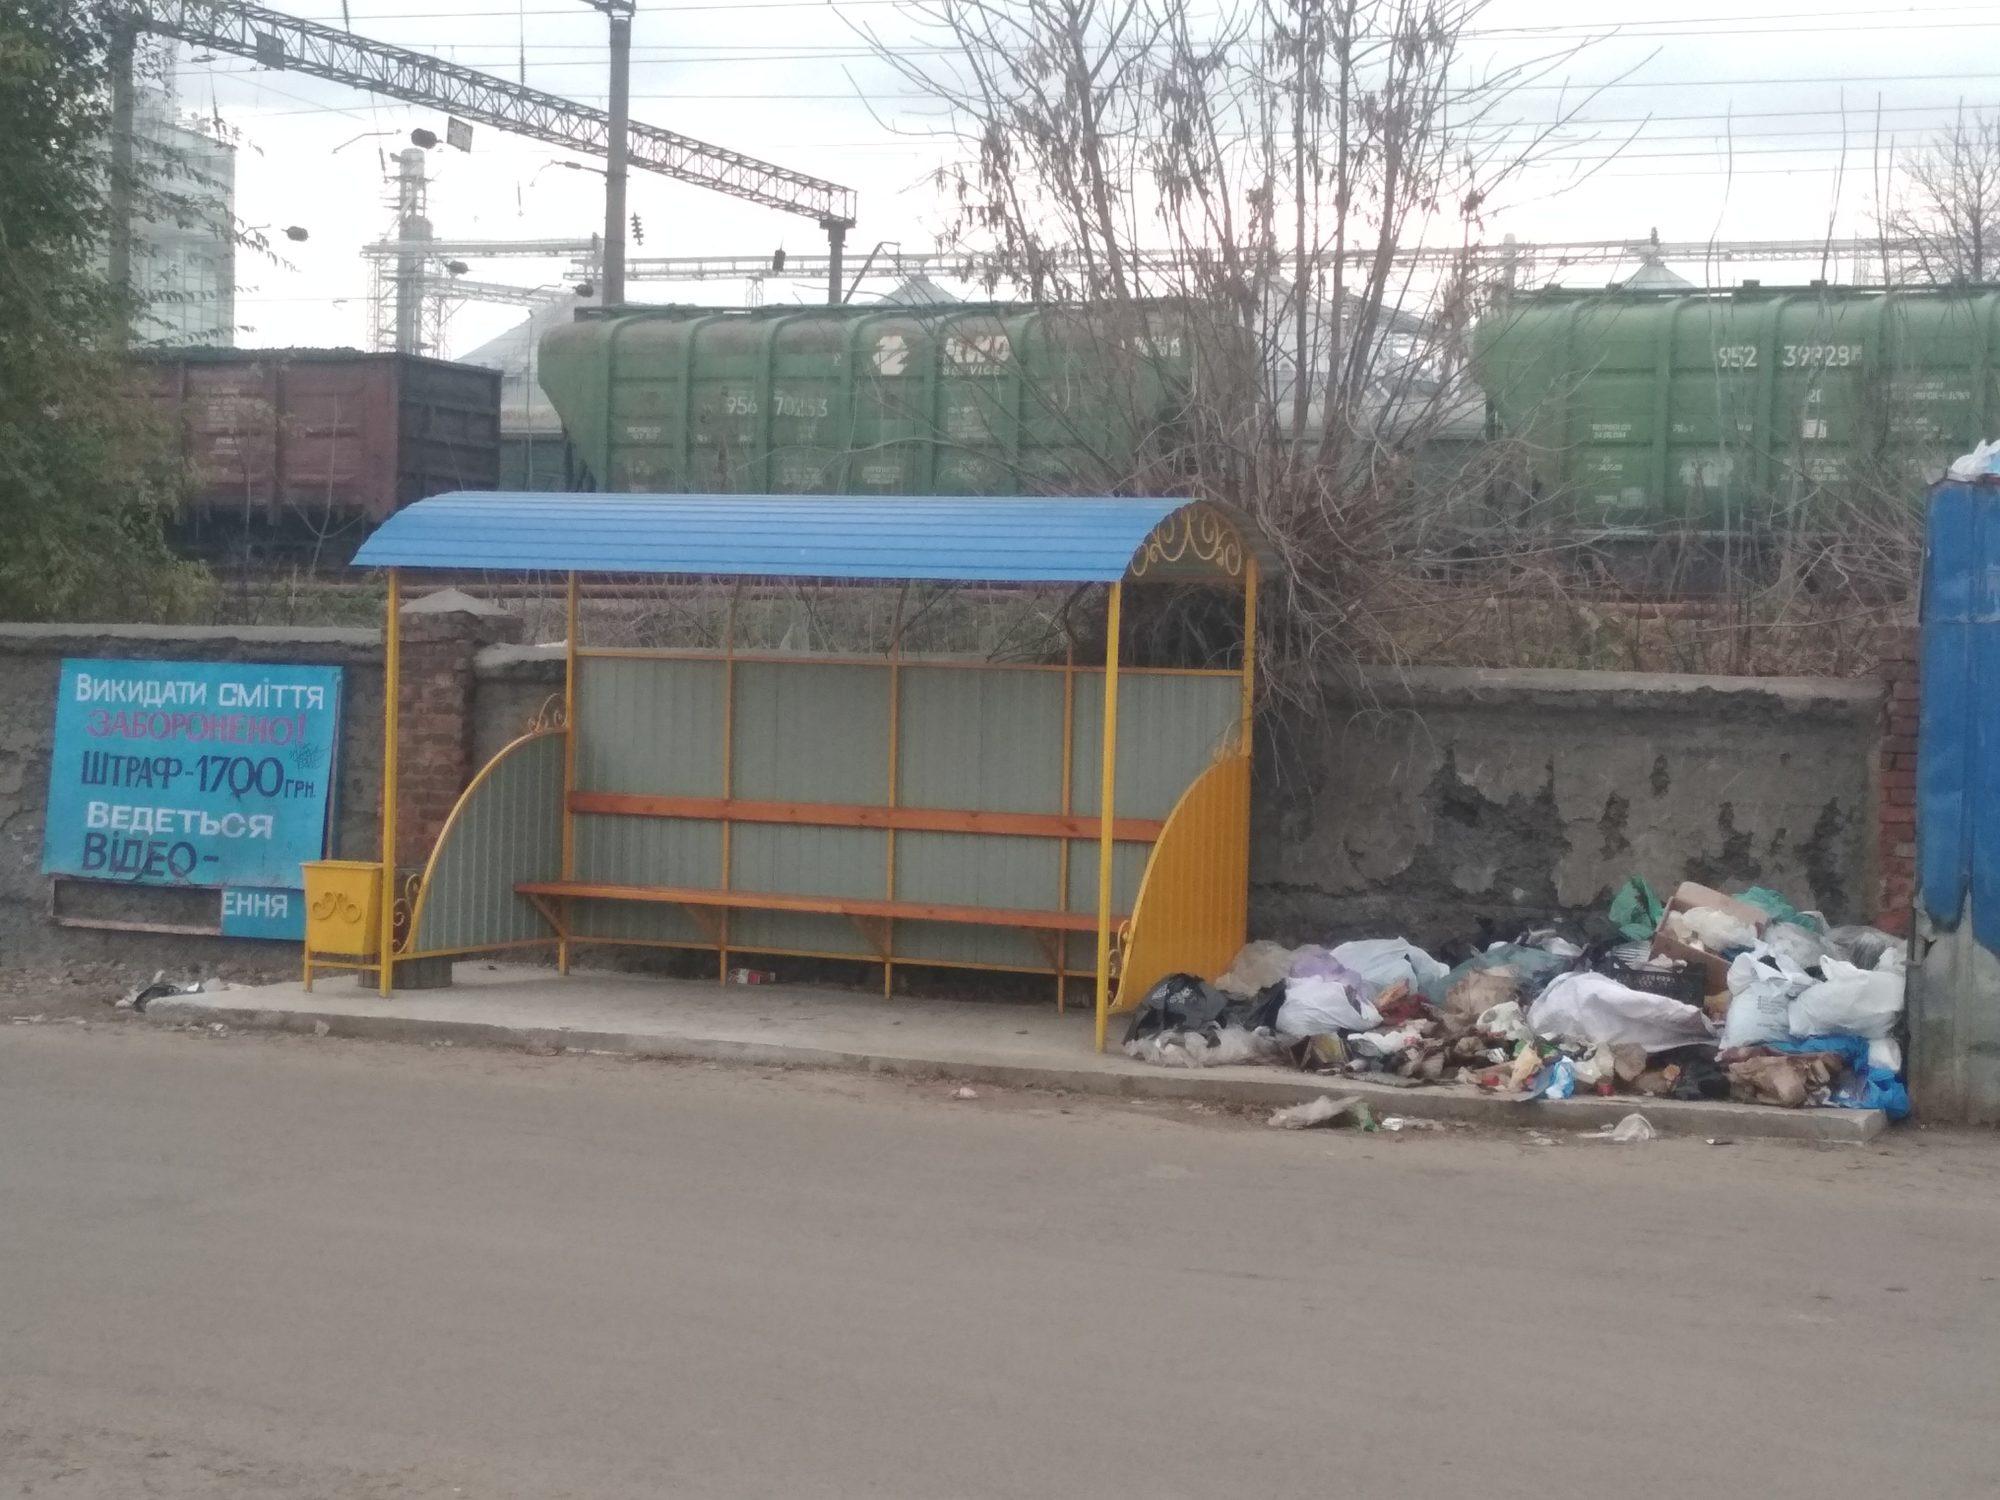 IMG_20191106_154953-2000x1500 У Фастові на місці стихійного сміттєзвалища встановили автобусну зупинку